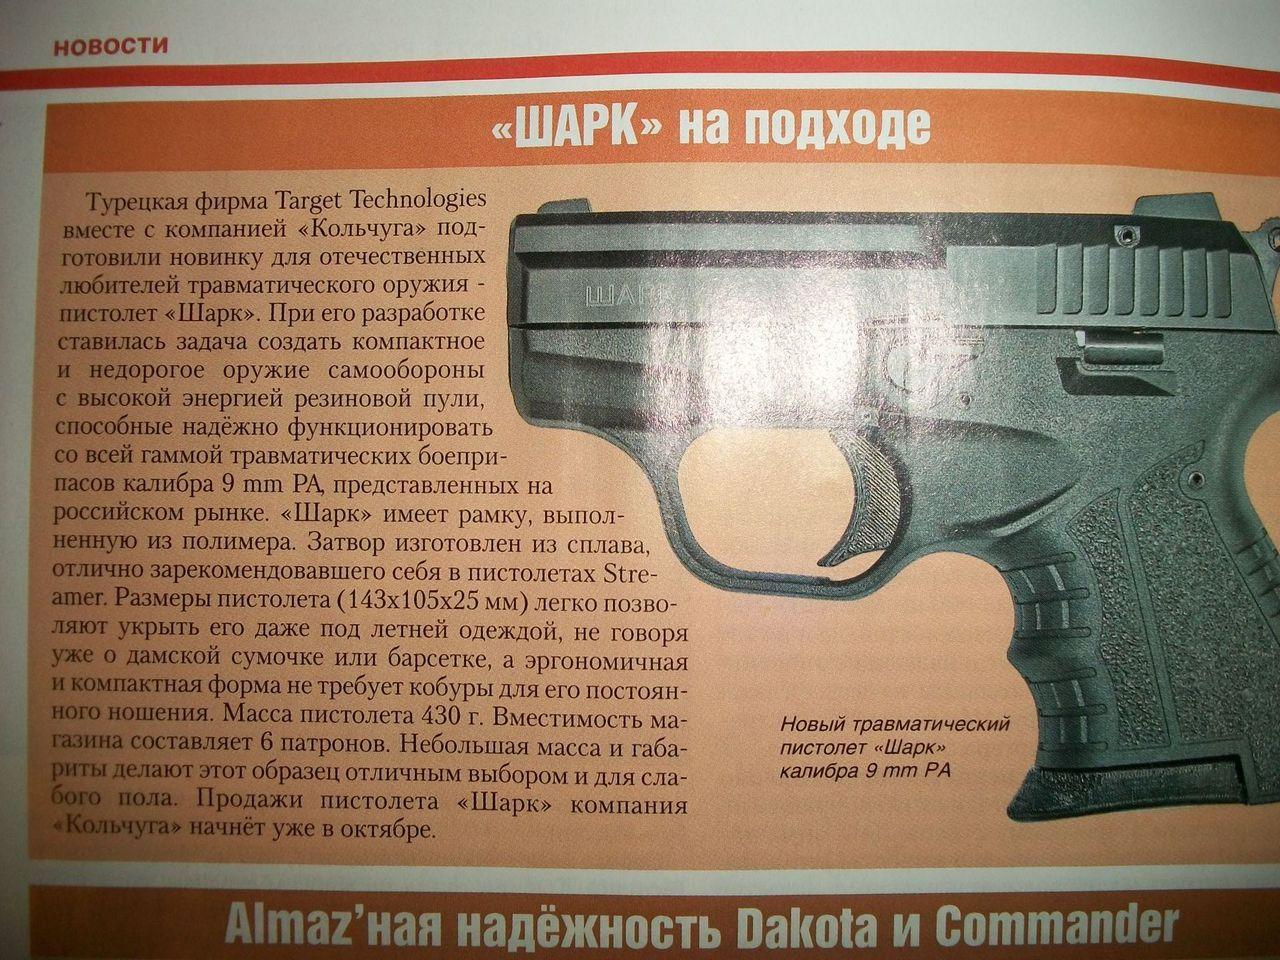 как выбрать пистолет шарк б/у